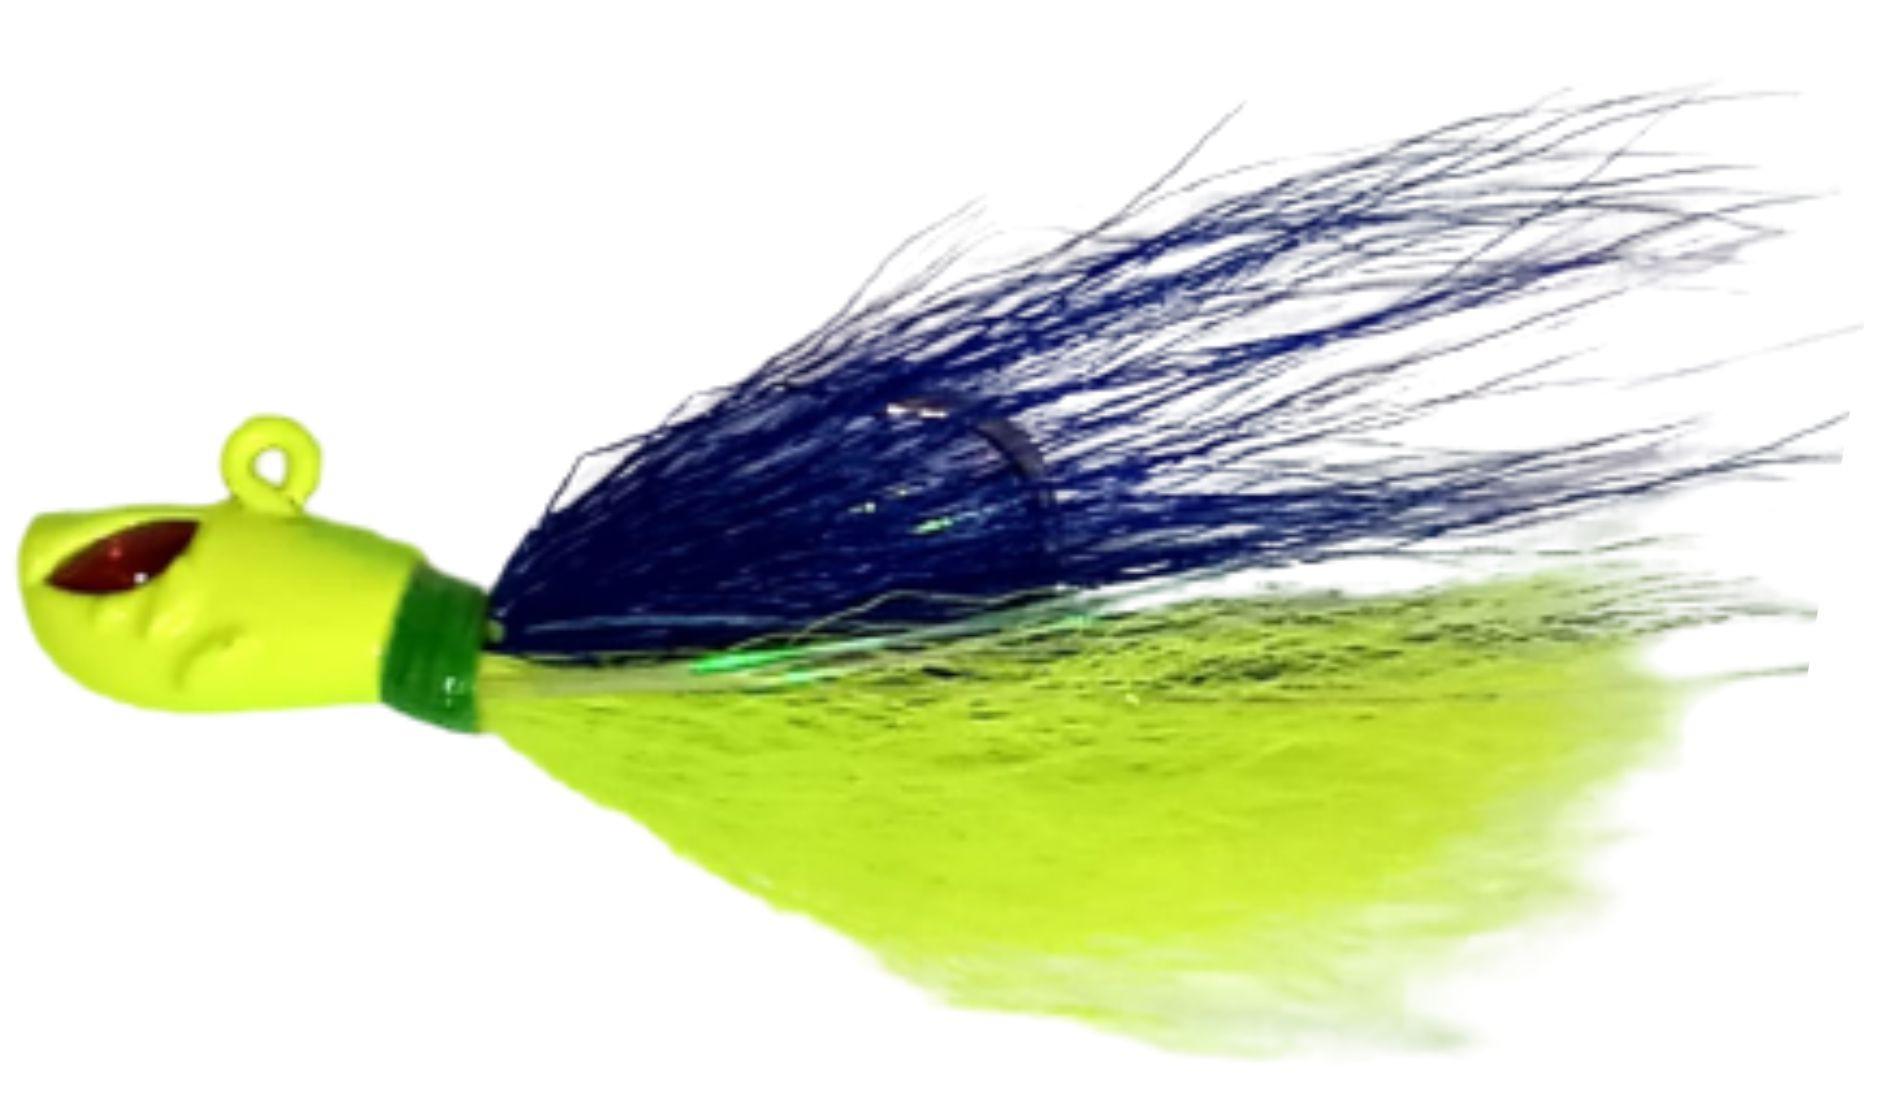 Isca Artificial Jig de Pena Killer 10g Cor 46 (Azul-Amarelo) Anzol 2/0 Yara